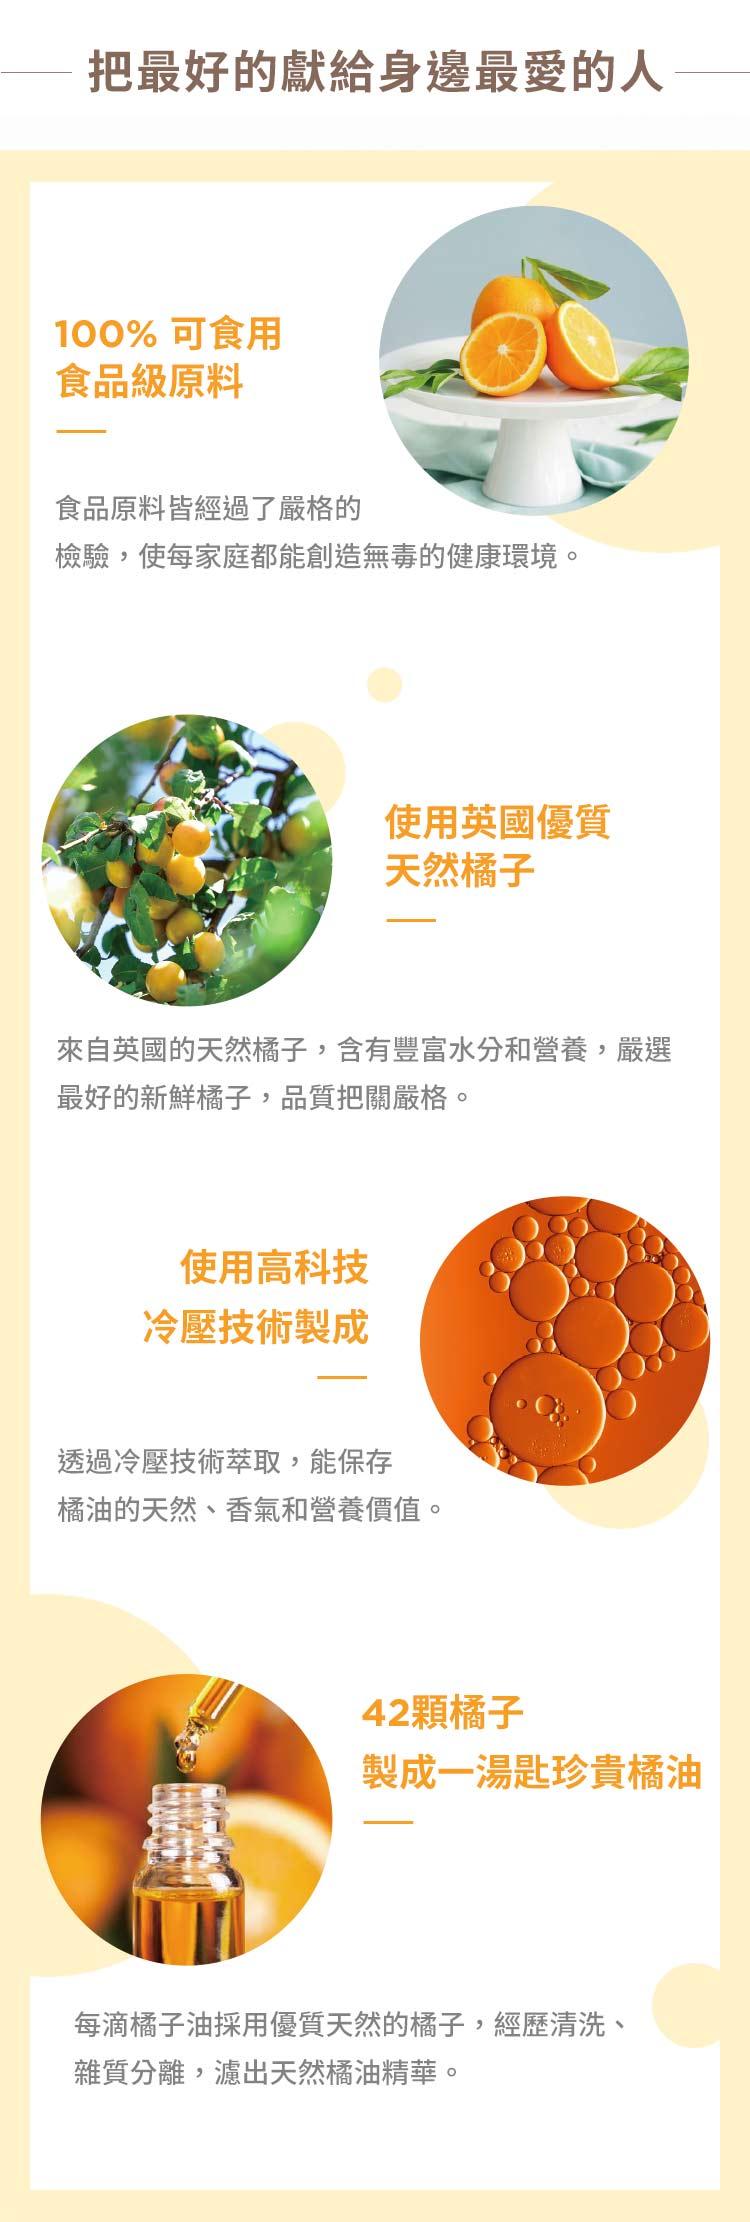 乾洗手,乾洗手凝露,抗菌乾洗手,抗菌乾洗手凝露, Oh My Orange 抗菌乾洗手凝露,把最好的獻給身邊最愛的人,100%可食用,食品級原料,食品原料皆經過了嚴格的檢驗,使每家庭都能創造無毒的健康環境,使用英國的優質天然橘子,來自英國的天然橘子,含有豐富水分和營養嚴選最好的新鮮橘子,品質把關嚴格, 使用高科冷壓技術製成,透過冷壓技術萃取出天然的橘油,保存橘子的天然香氣和營養價值,42顆橘子製成一湯匙珍貴橘油,每滴橘子油取至優質天然的橘子,經歷清洗,雜質分離,層層過濾出天然橘油精華